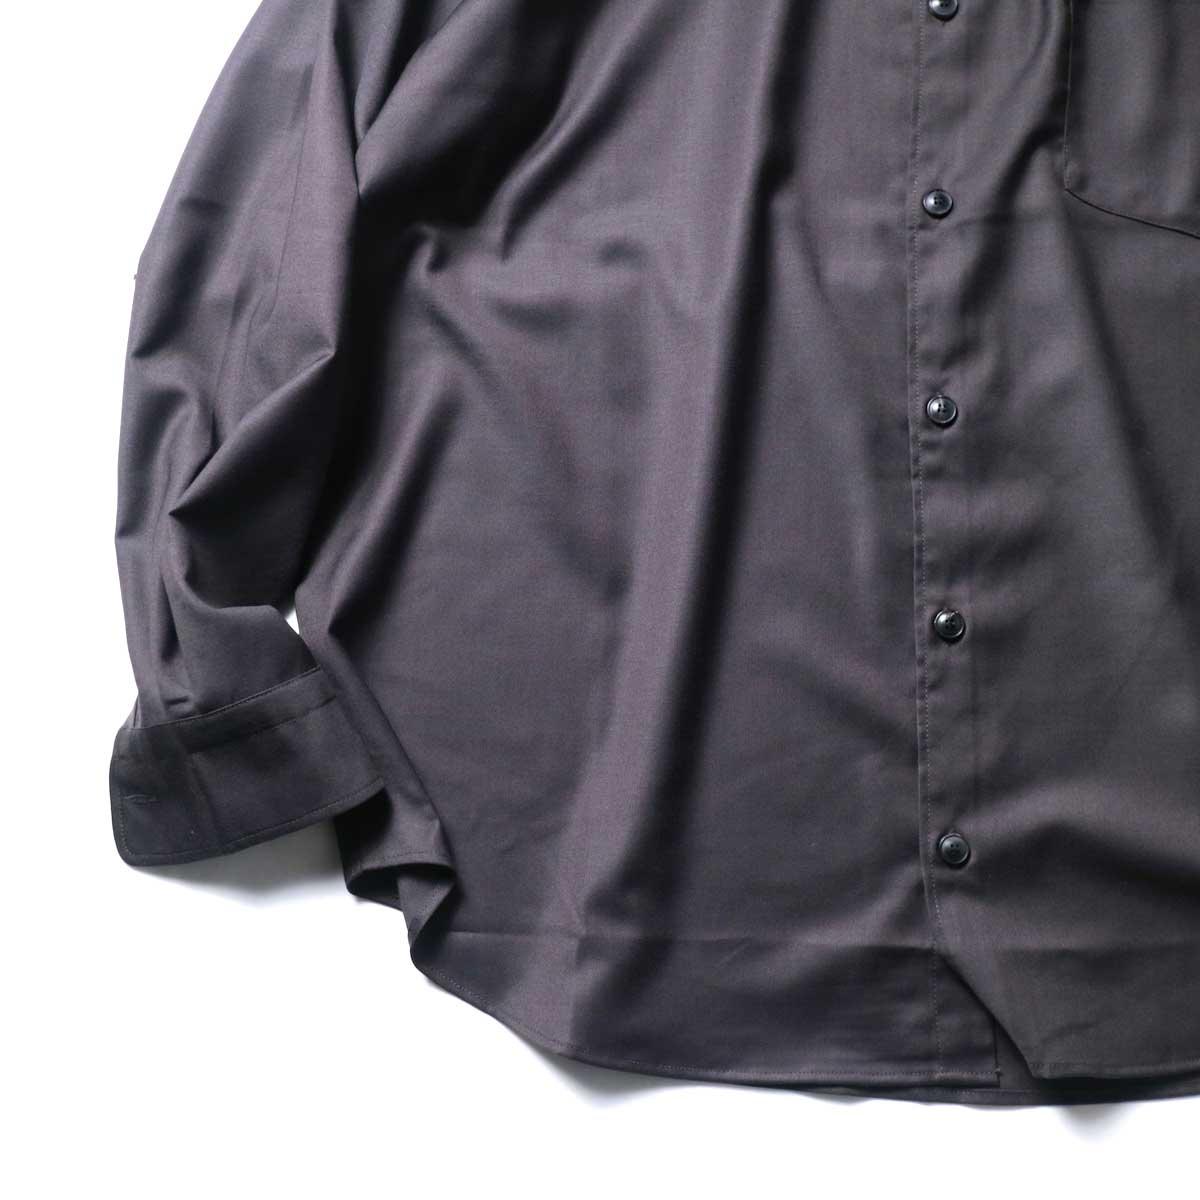 alvana / Wrinkle Proof Wide Shirts (Charcoal)袖、裾